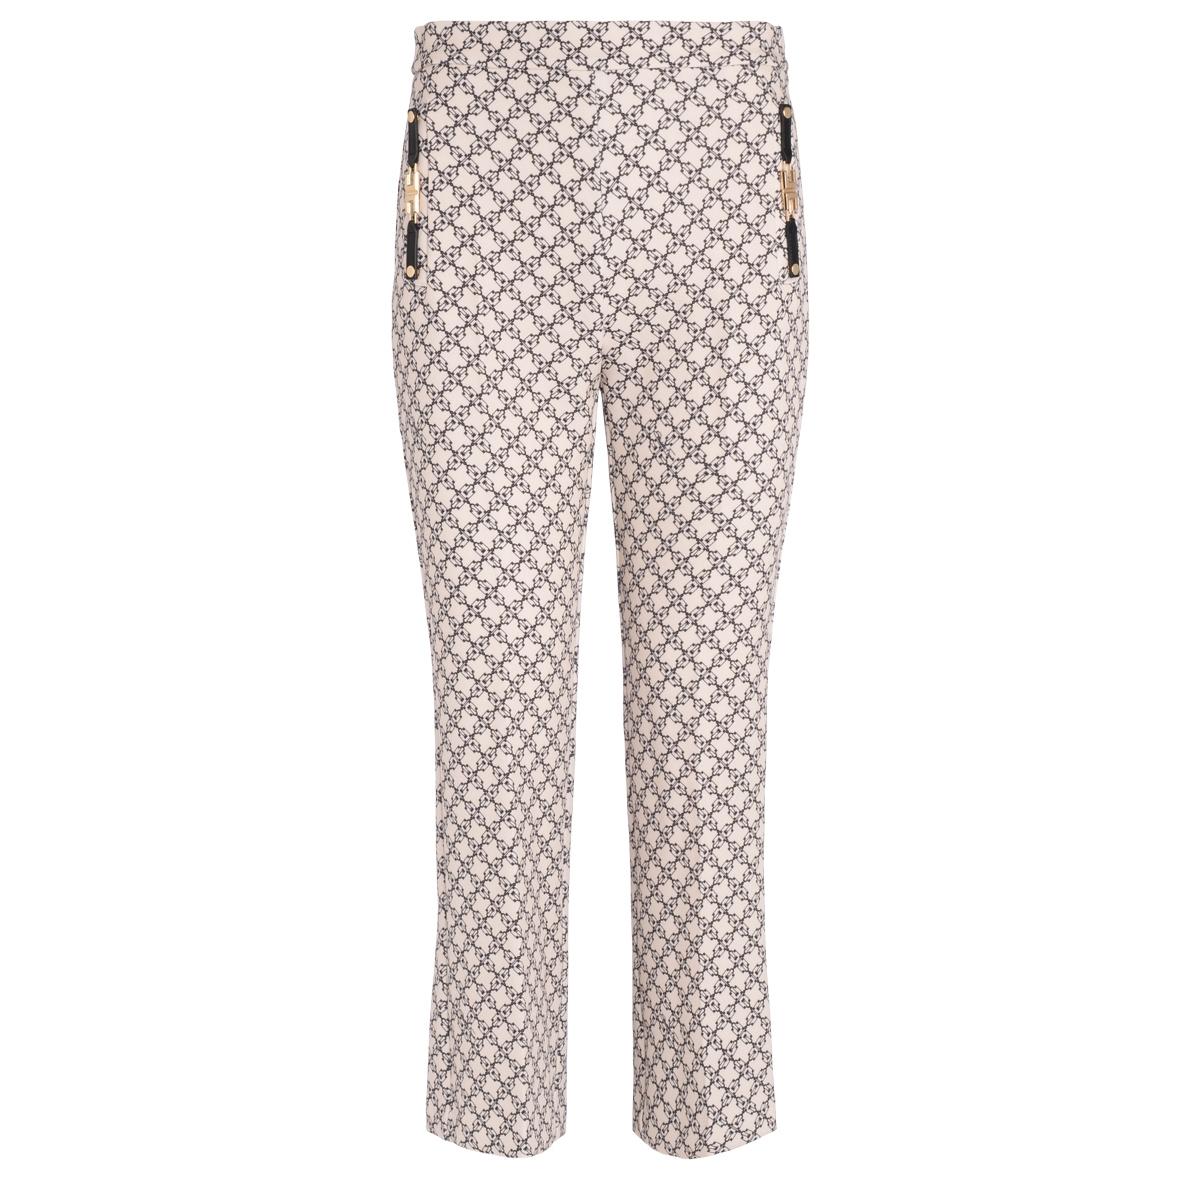 Pantalone color burro stampa micro lucchetti - ELISABETTA FRANCHI - Modalova